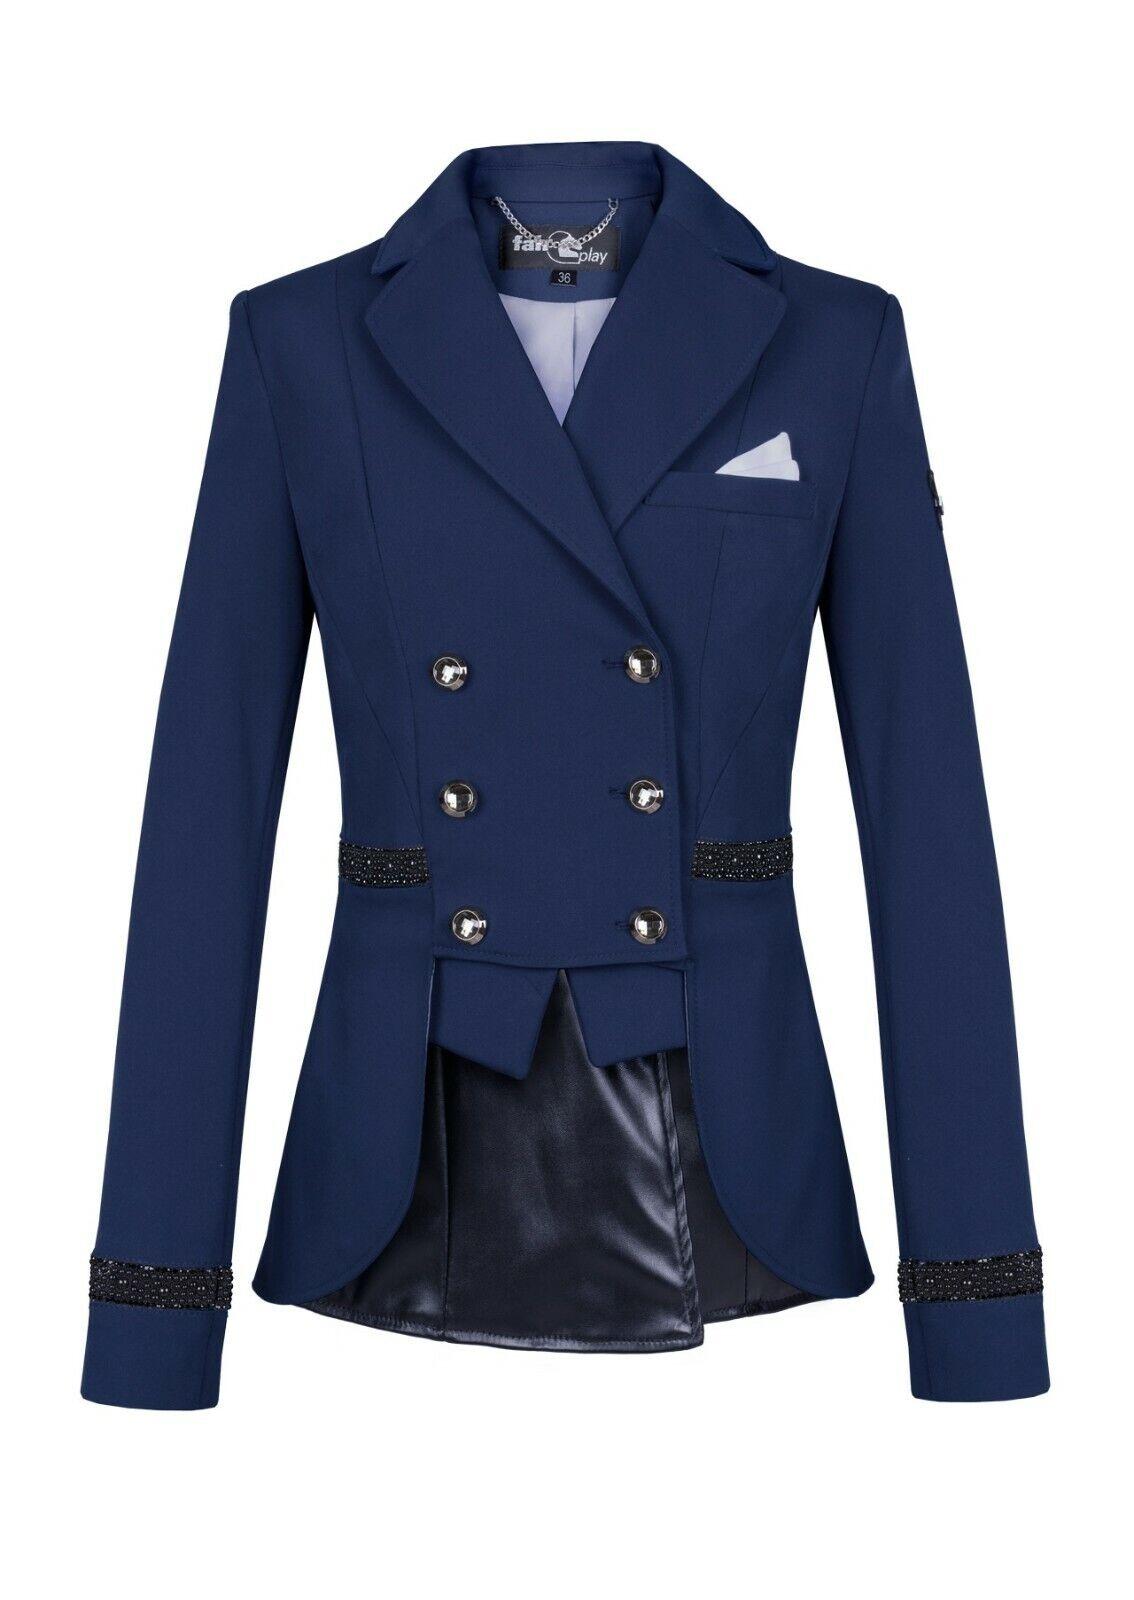 FairPlay Valentina Show Jacket - Navy - UK 12